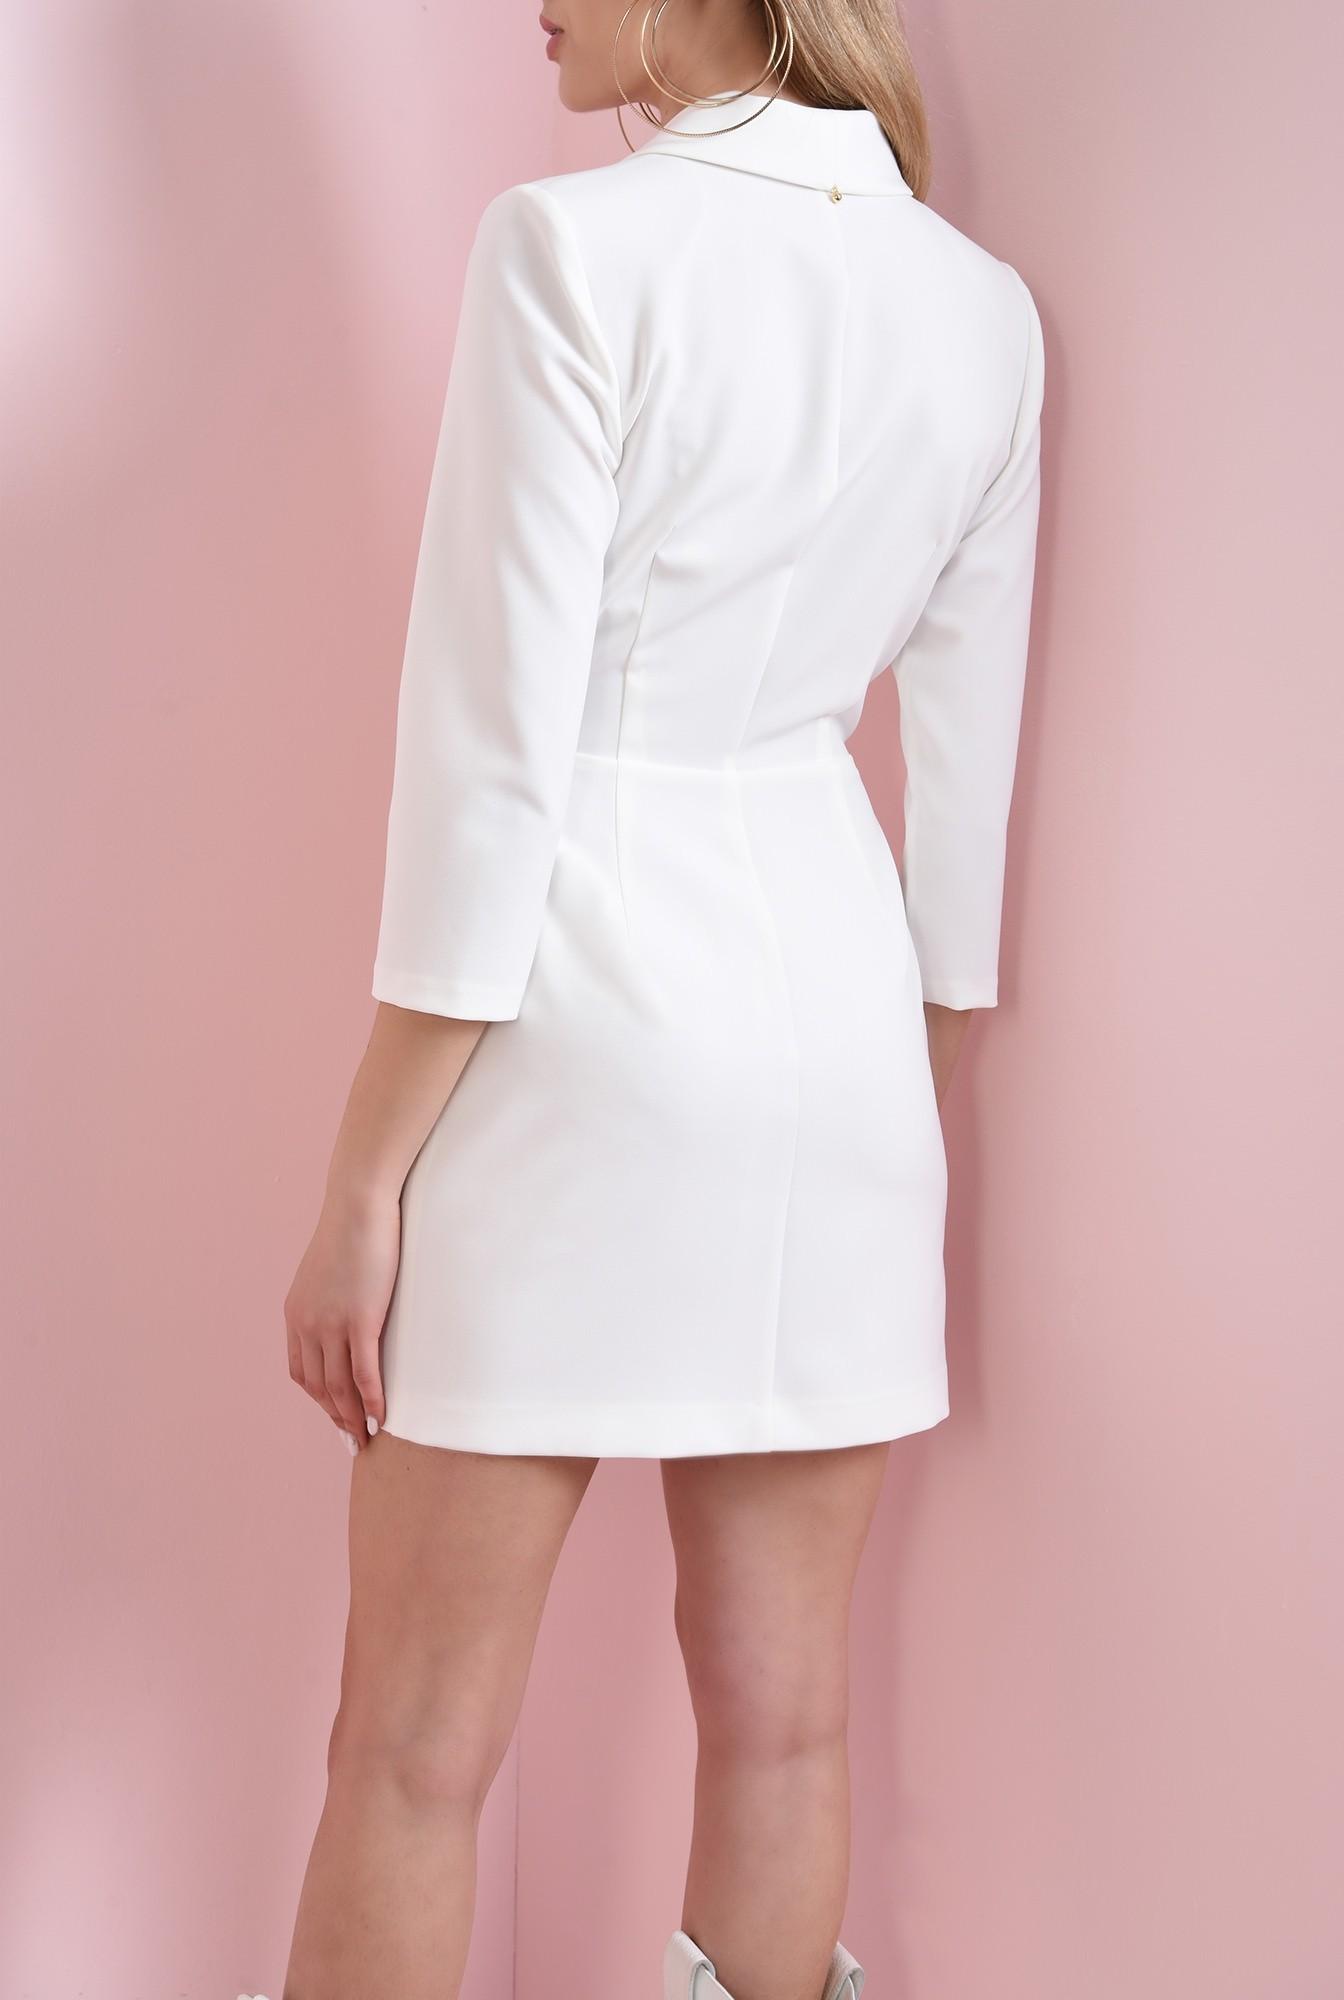 3 - 360 - rochie mini, ivoar, cu nasturi aurii